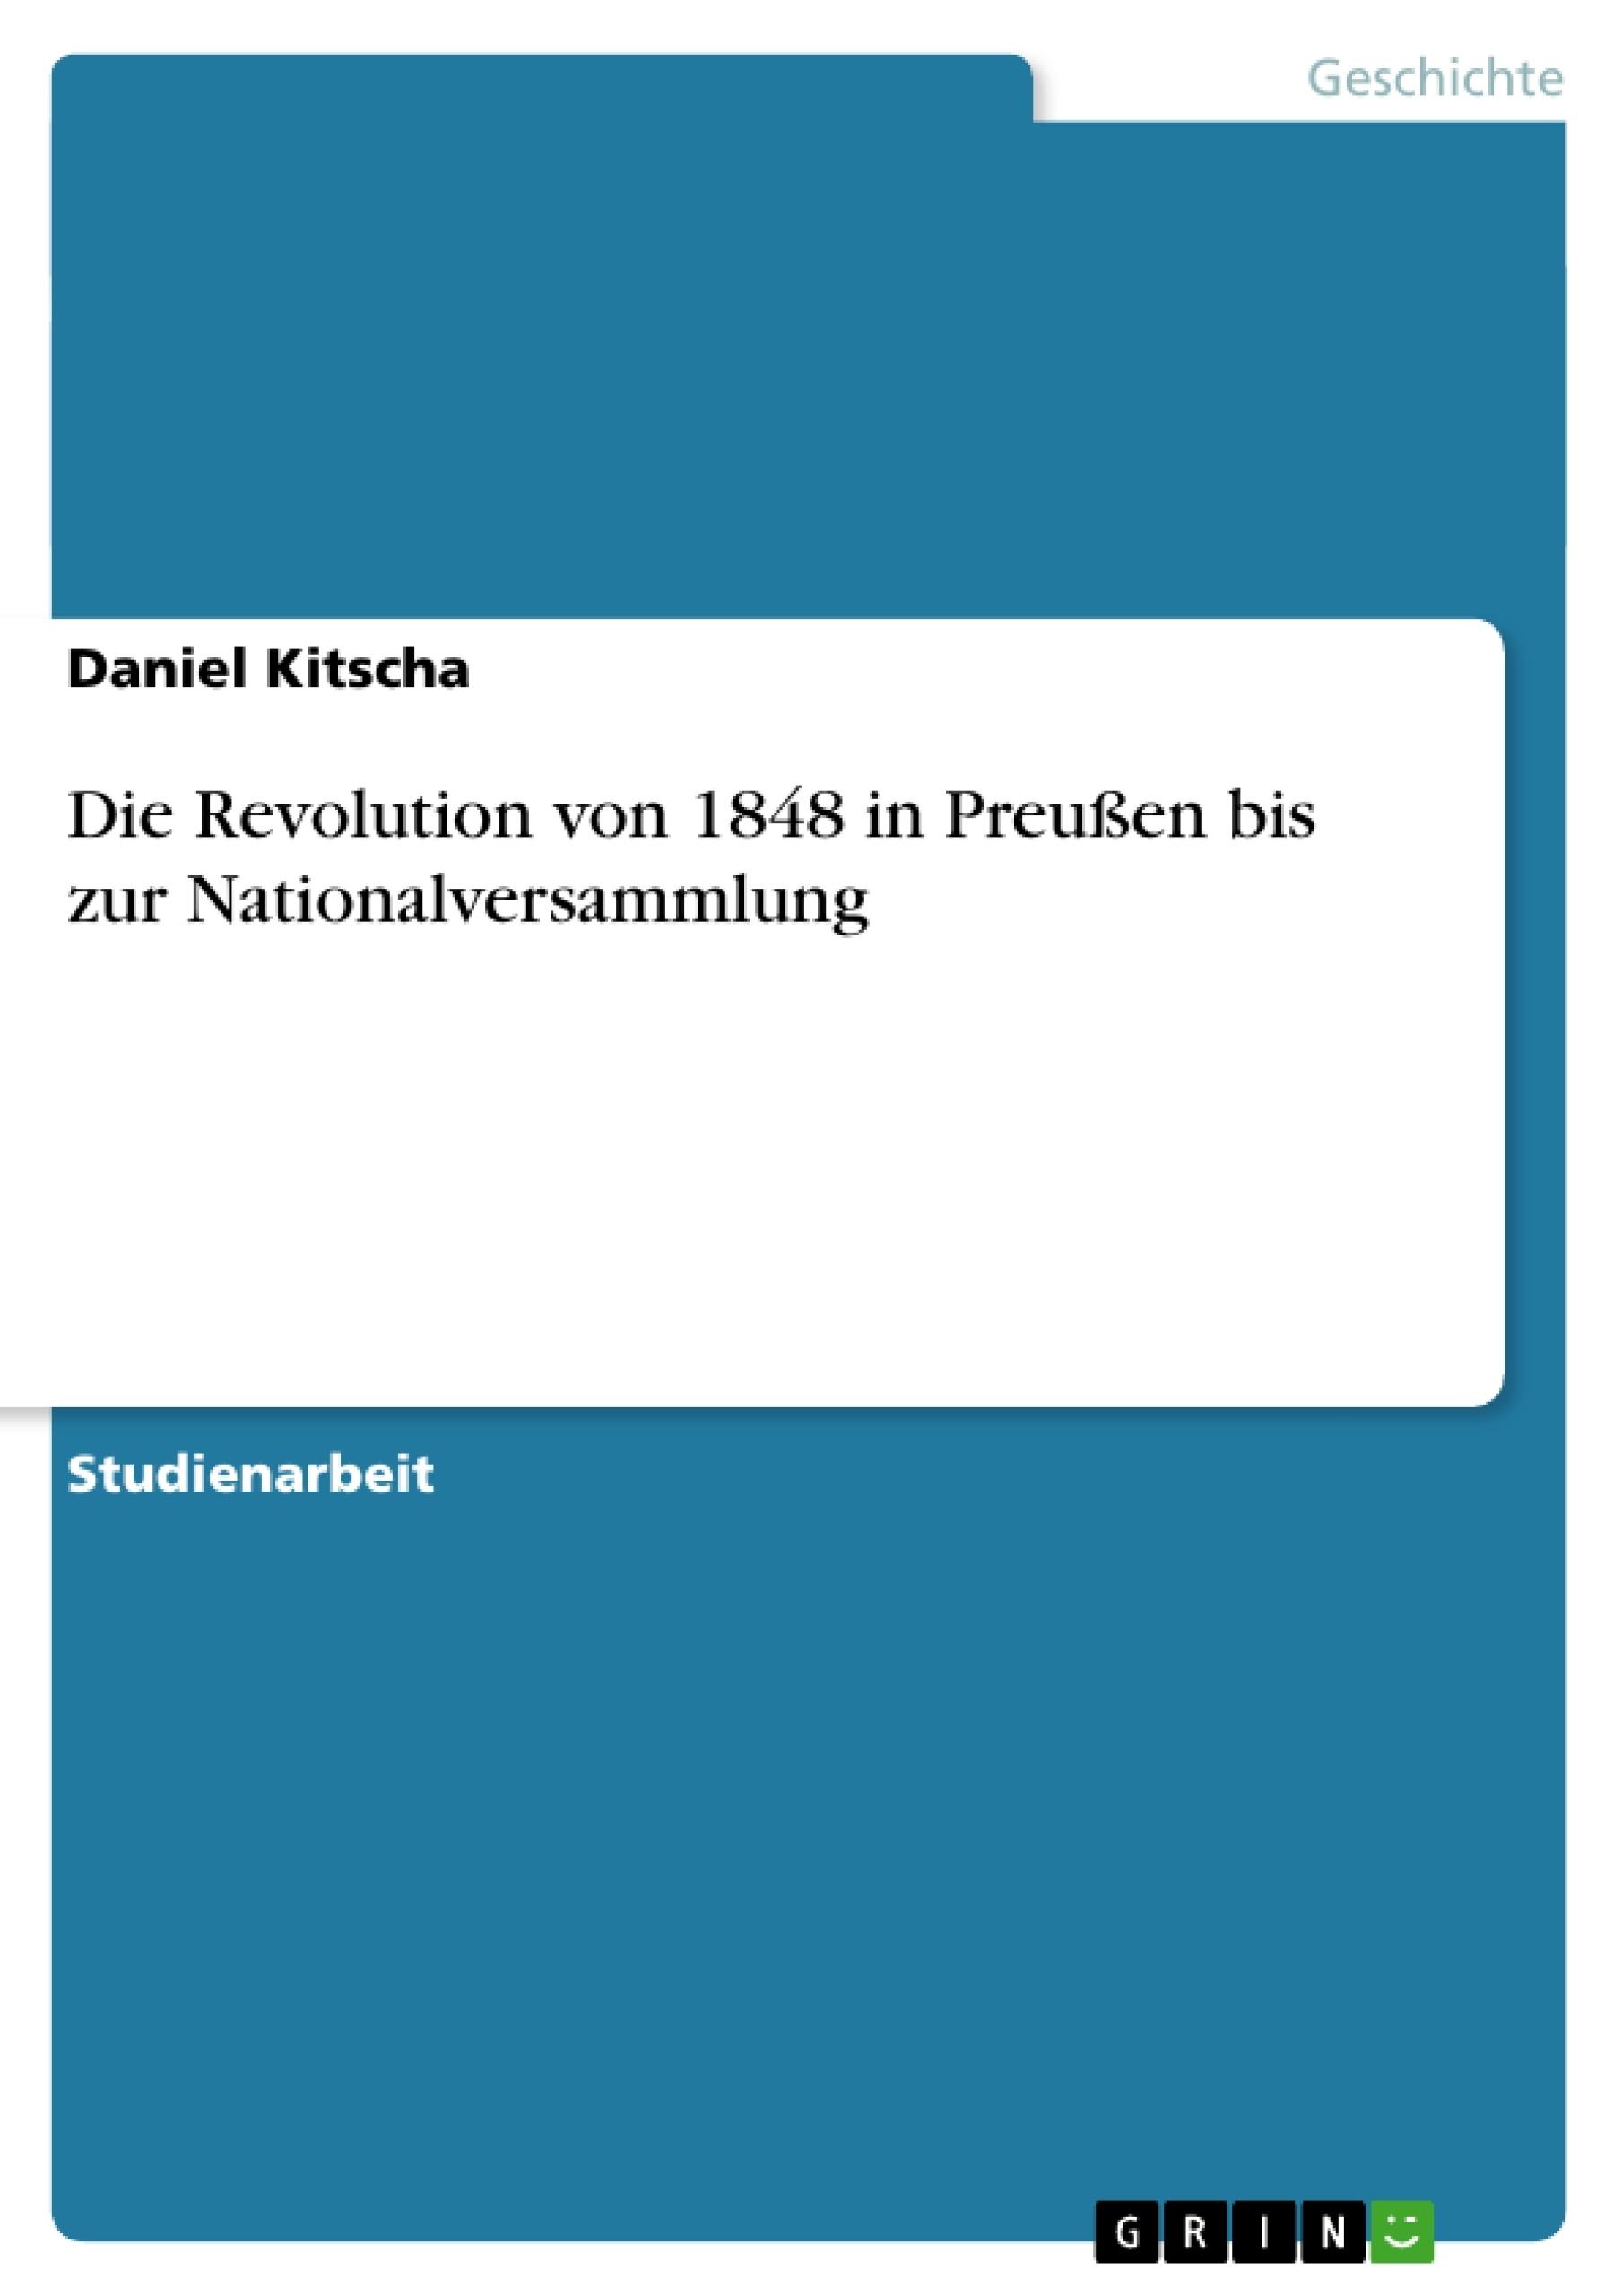 Titel: Die Revolution von 1848 in Preußen bis zur Nationalversammlung